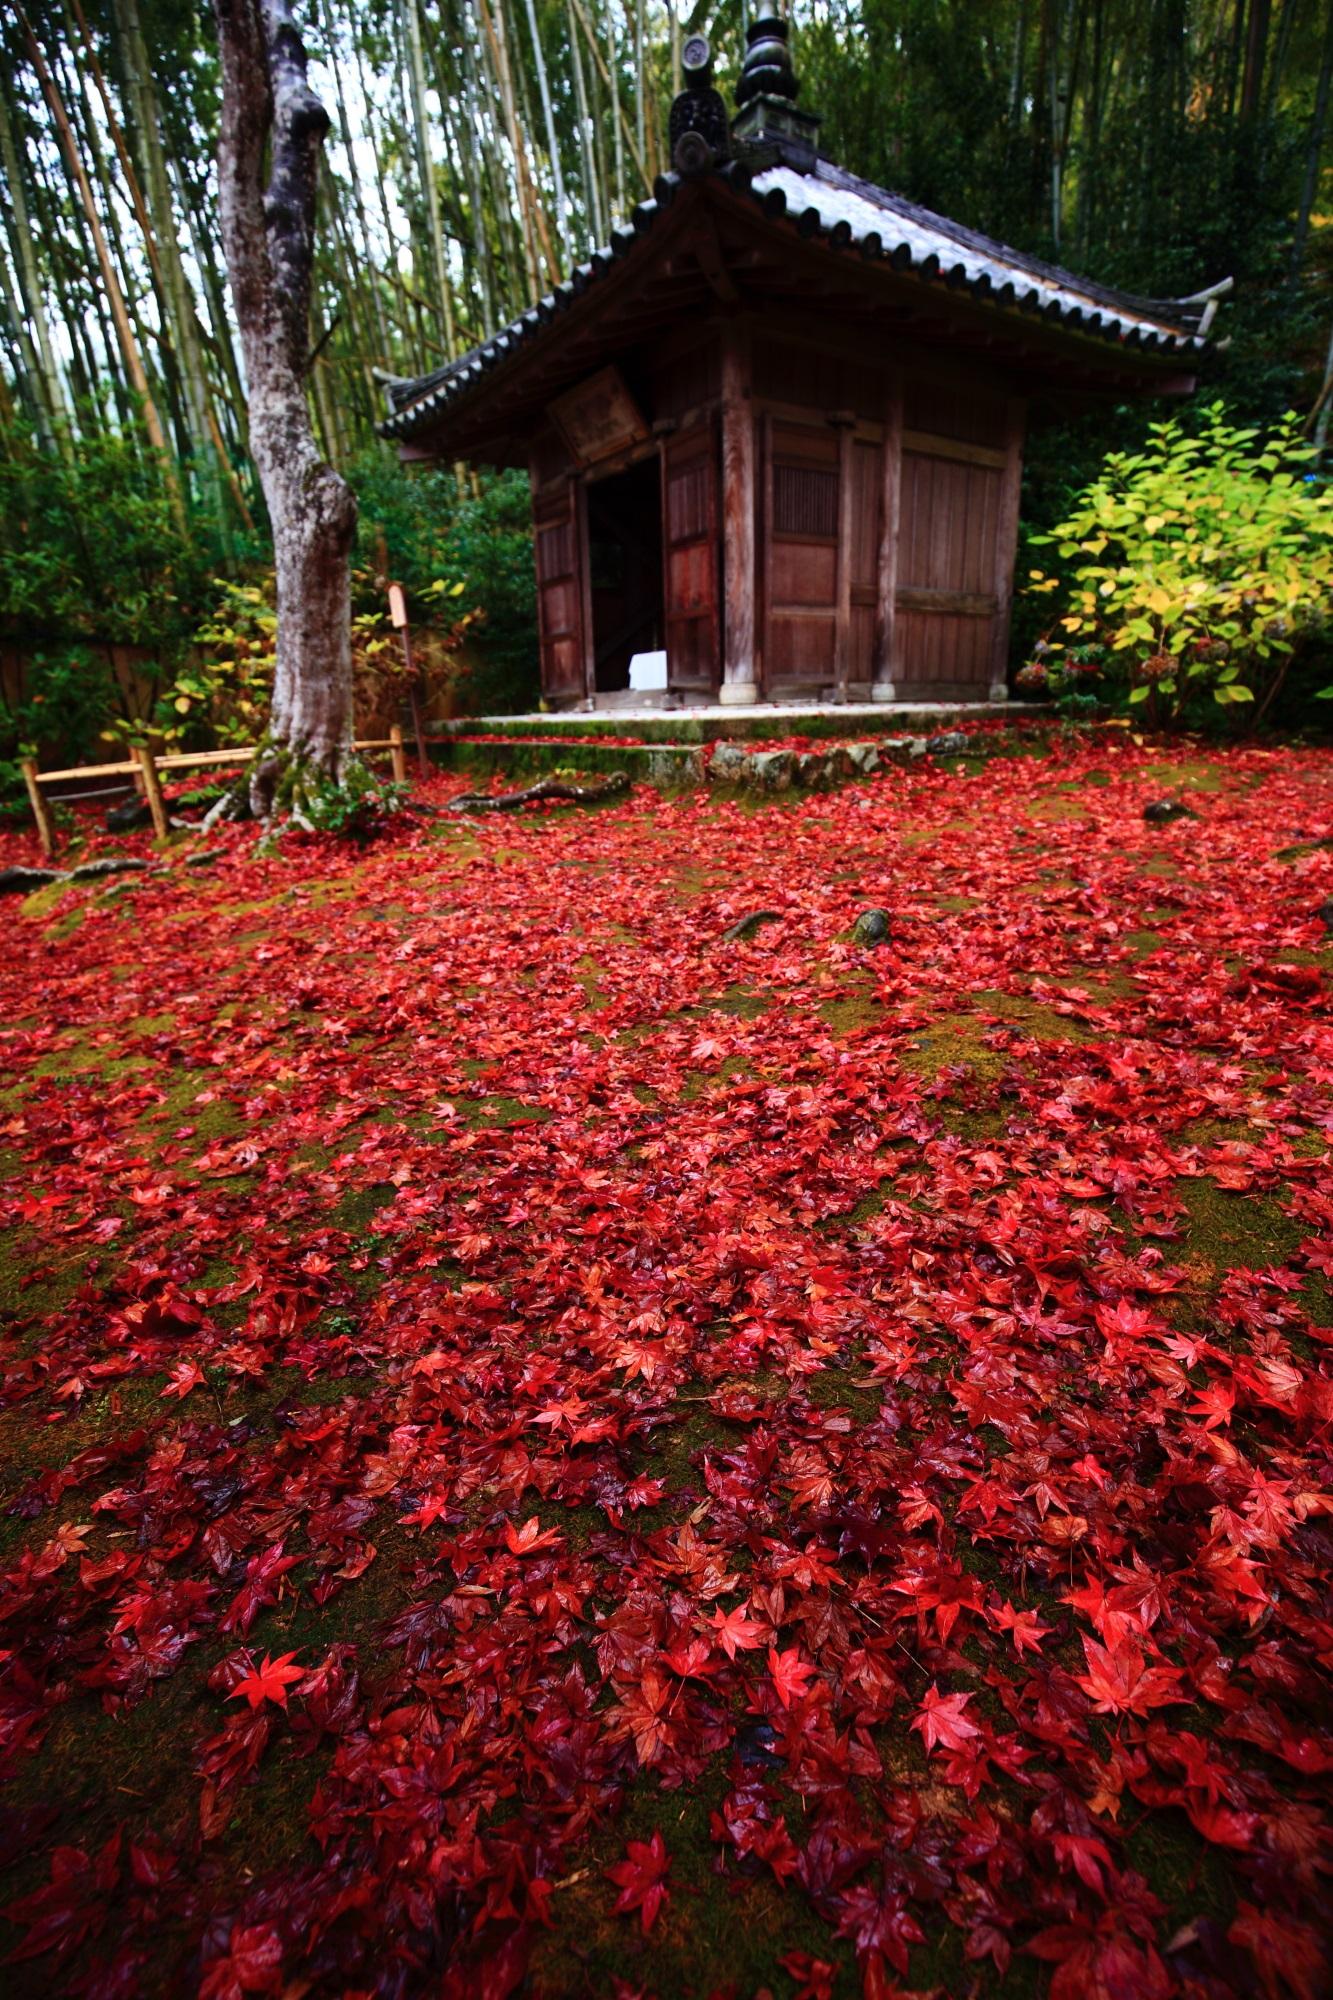 直指庵(じきしあん)の開山堂の雨の美しい圧巻の散りもみじ